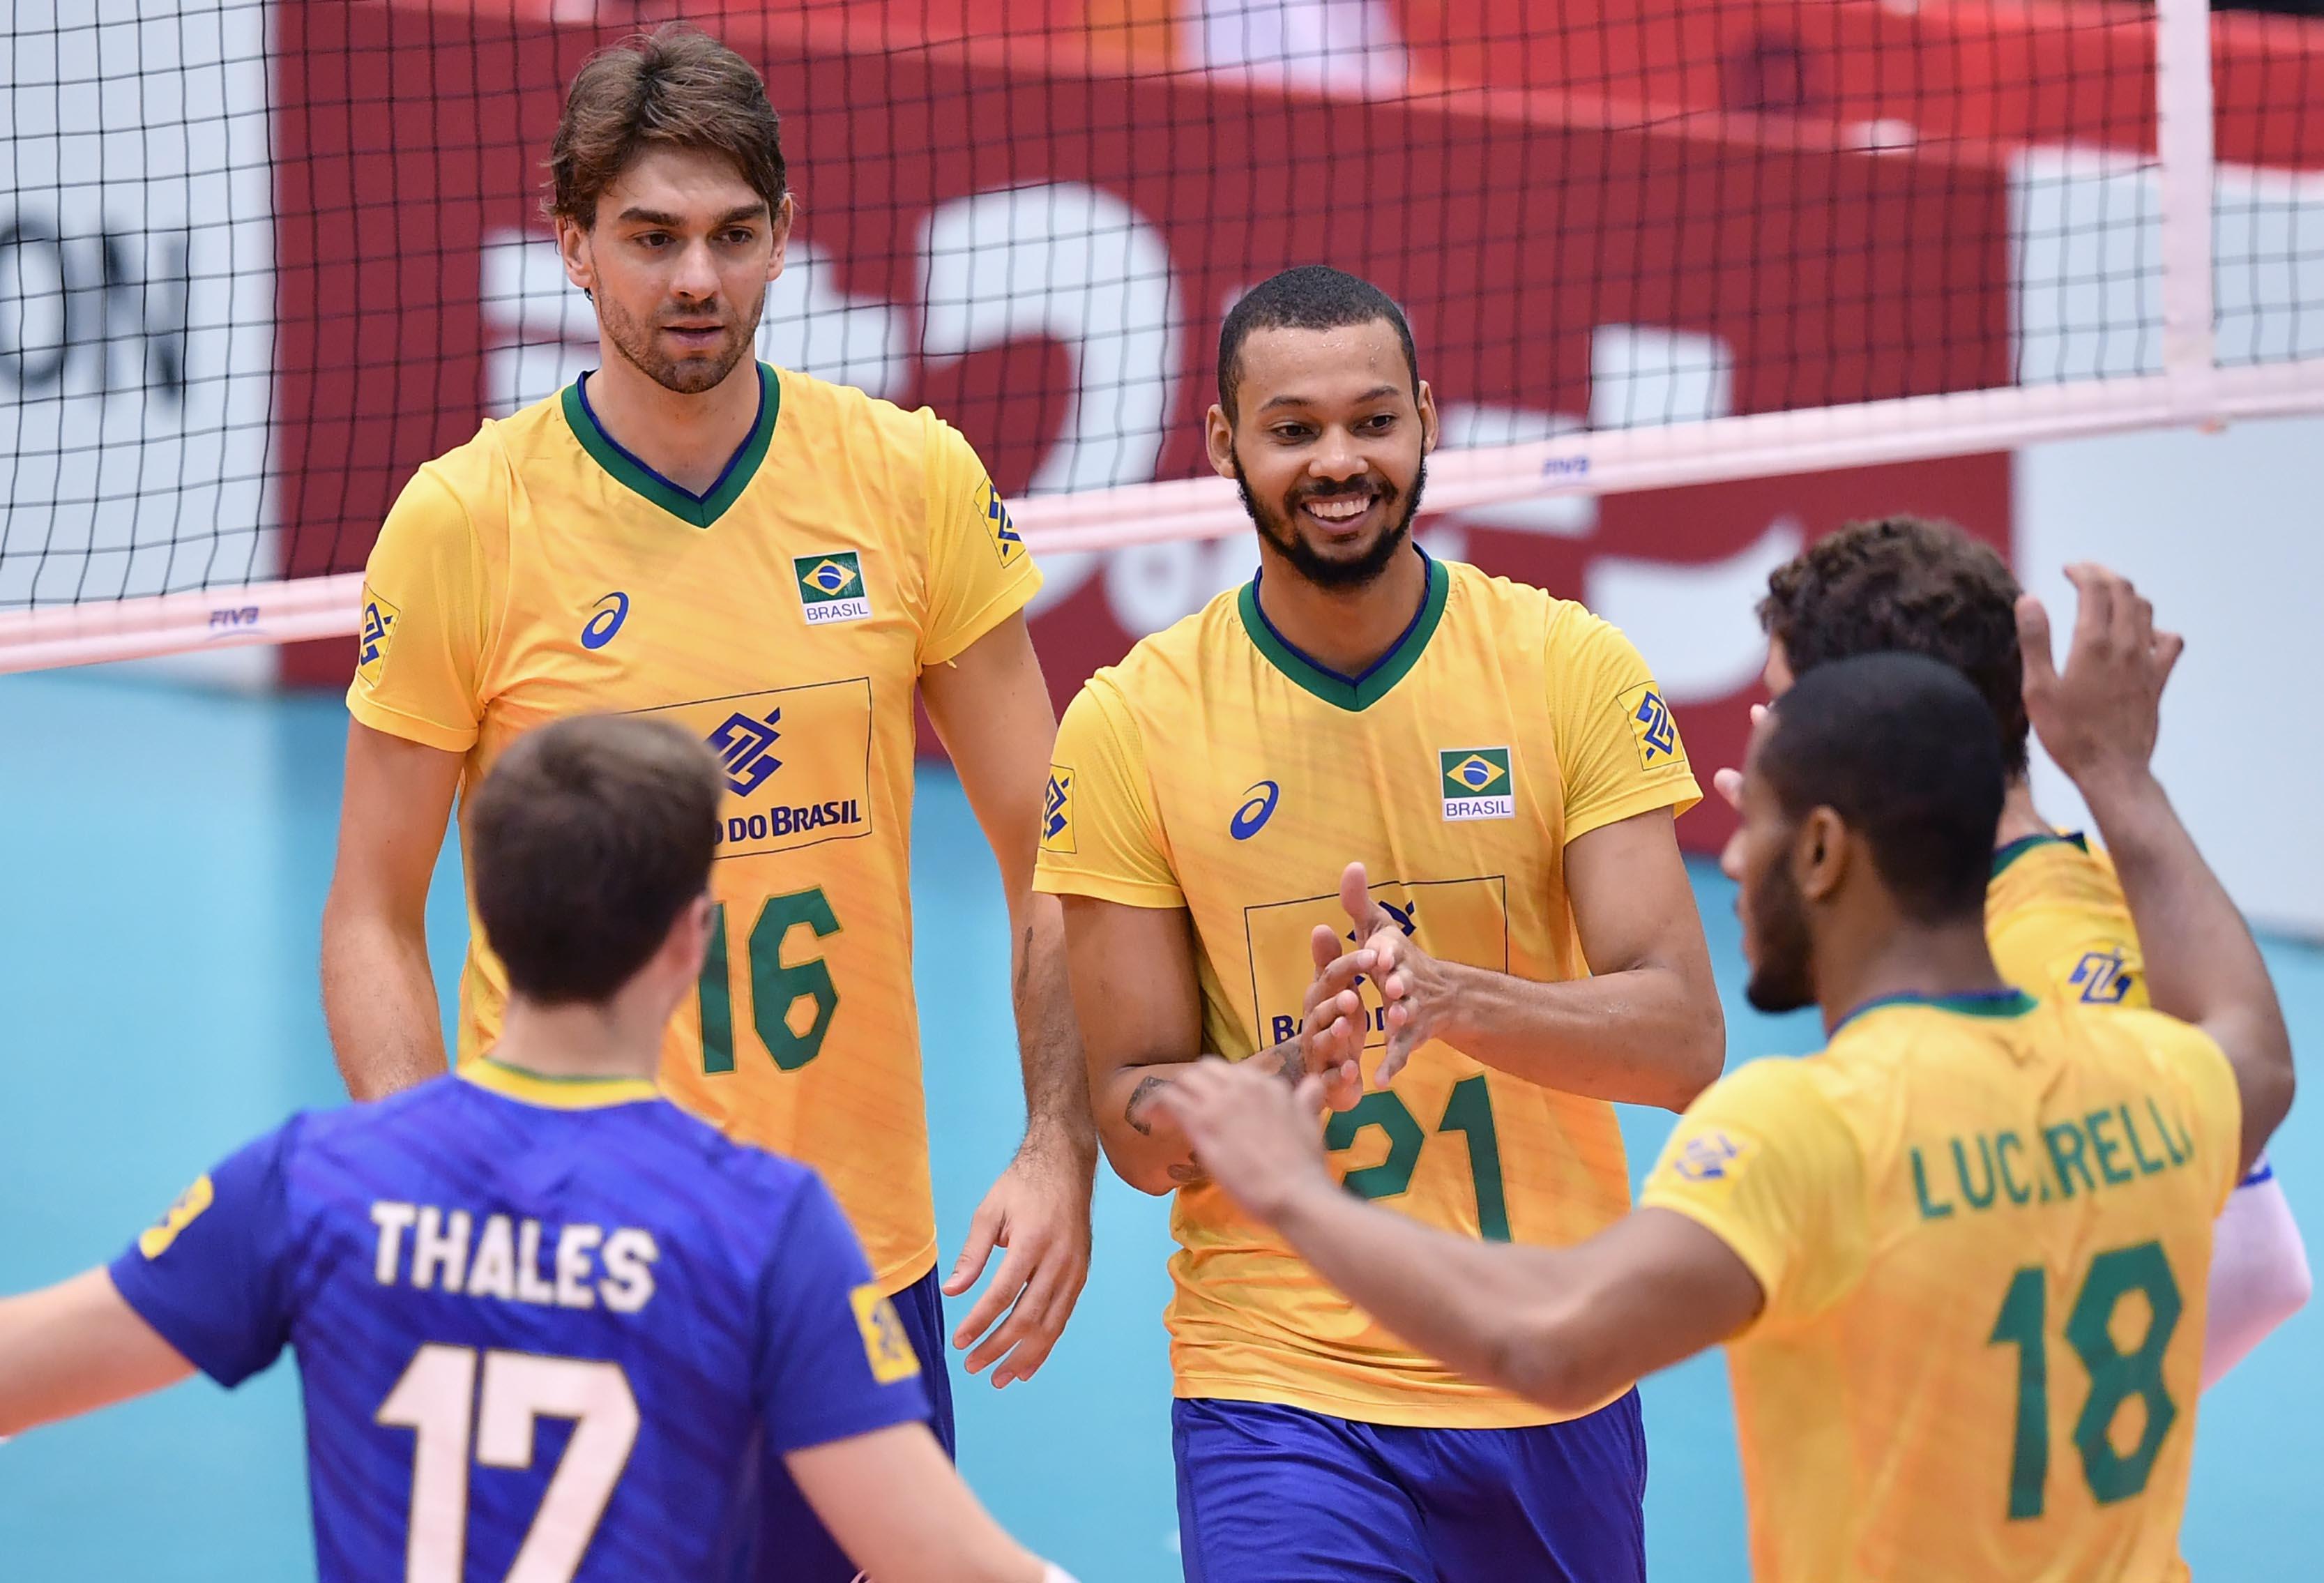 Brasil vence o Egito e é o único invicto do campeonato